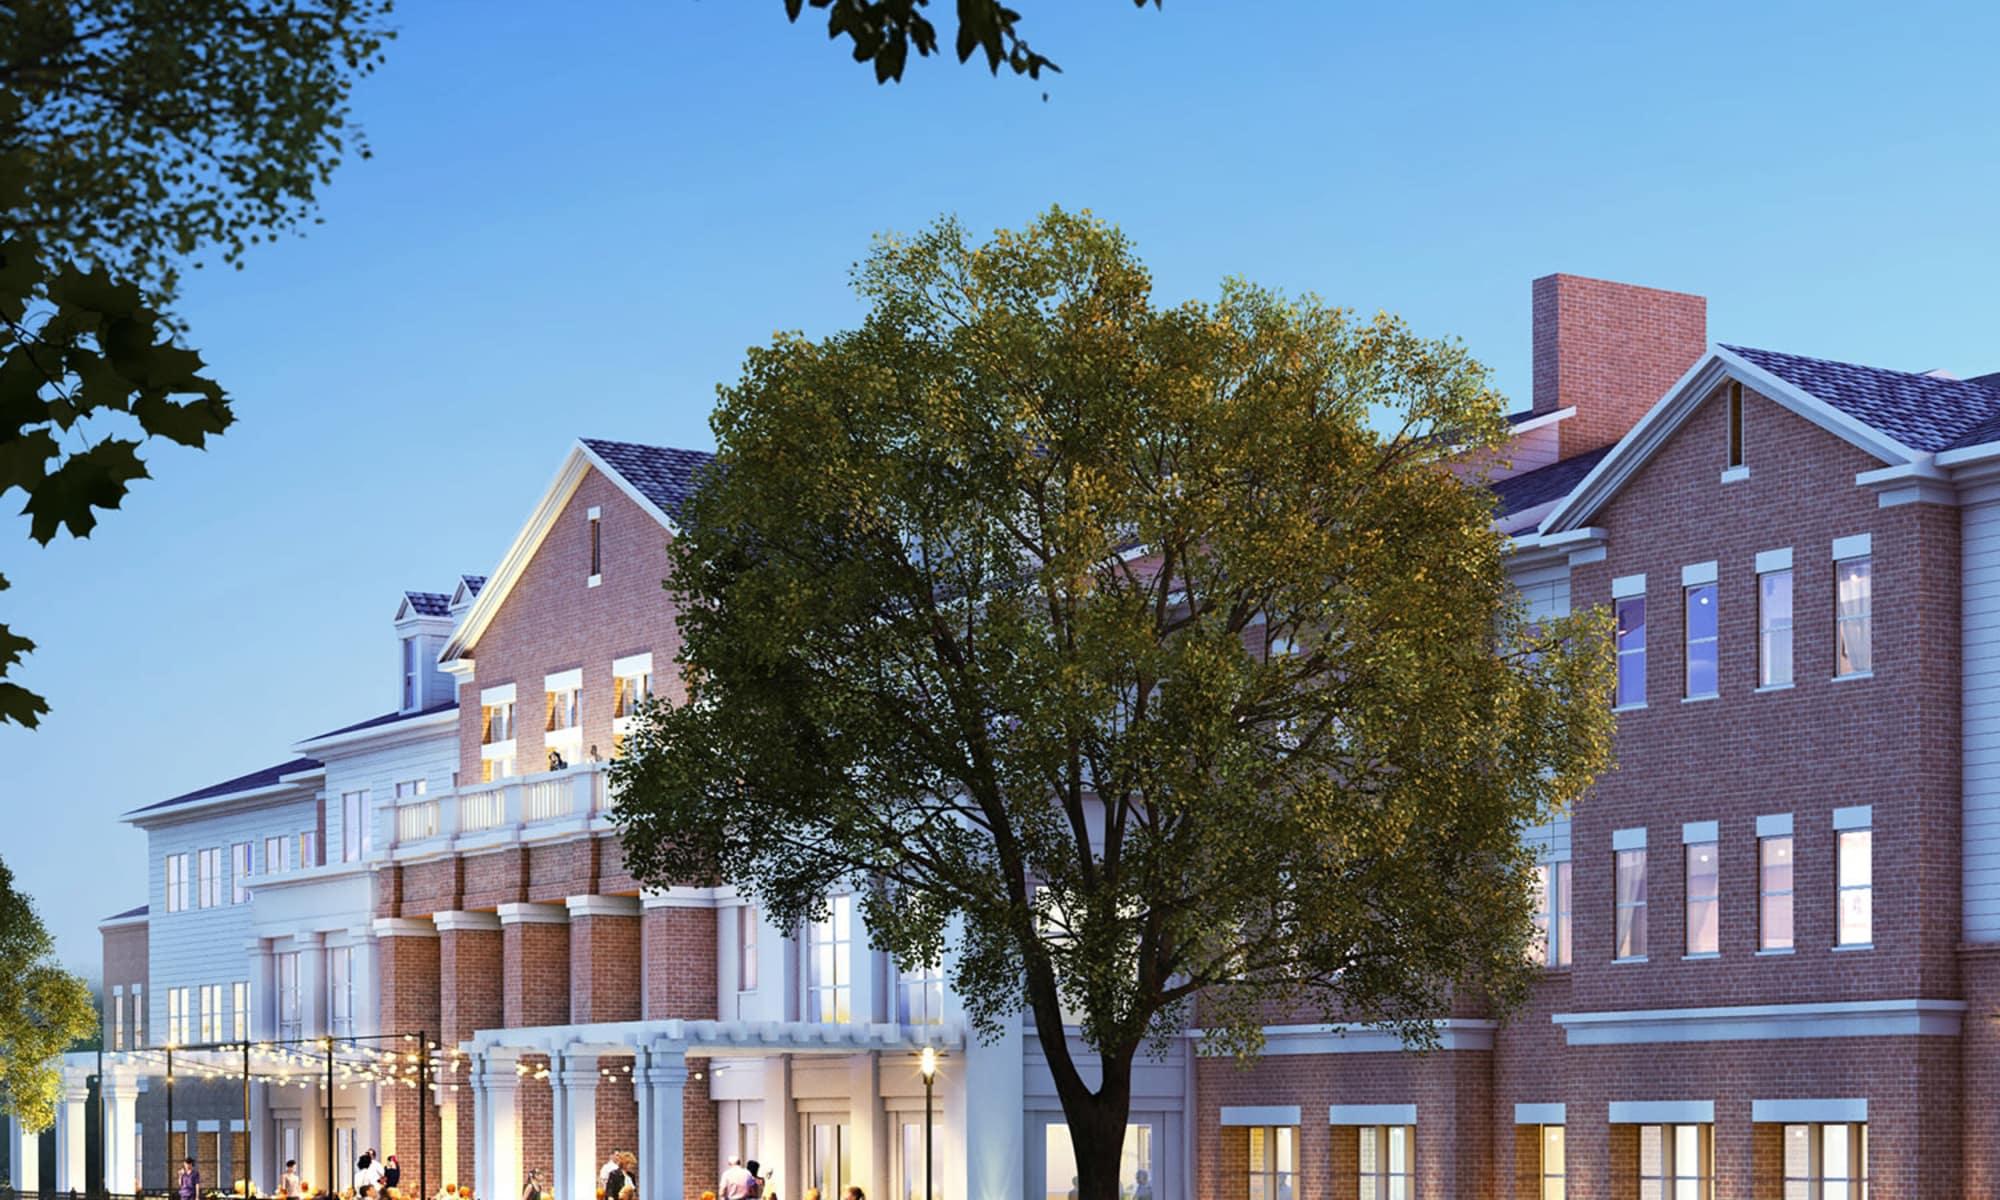 Exquisite senior living facility located in Woodbridge, Virginia